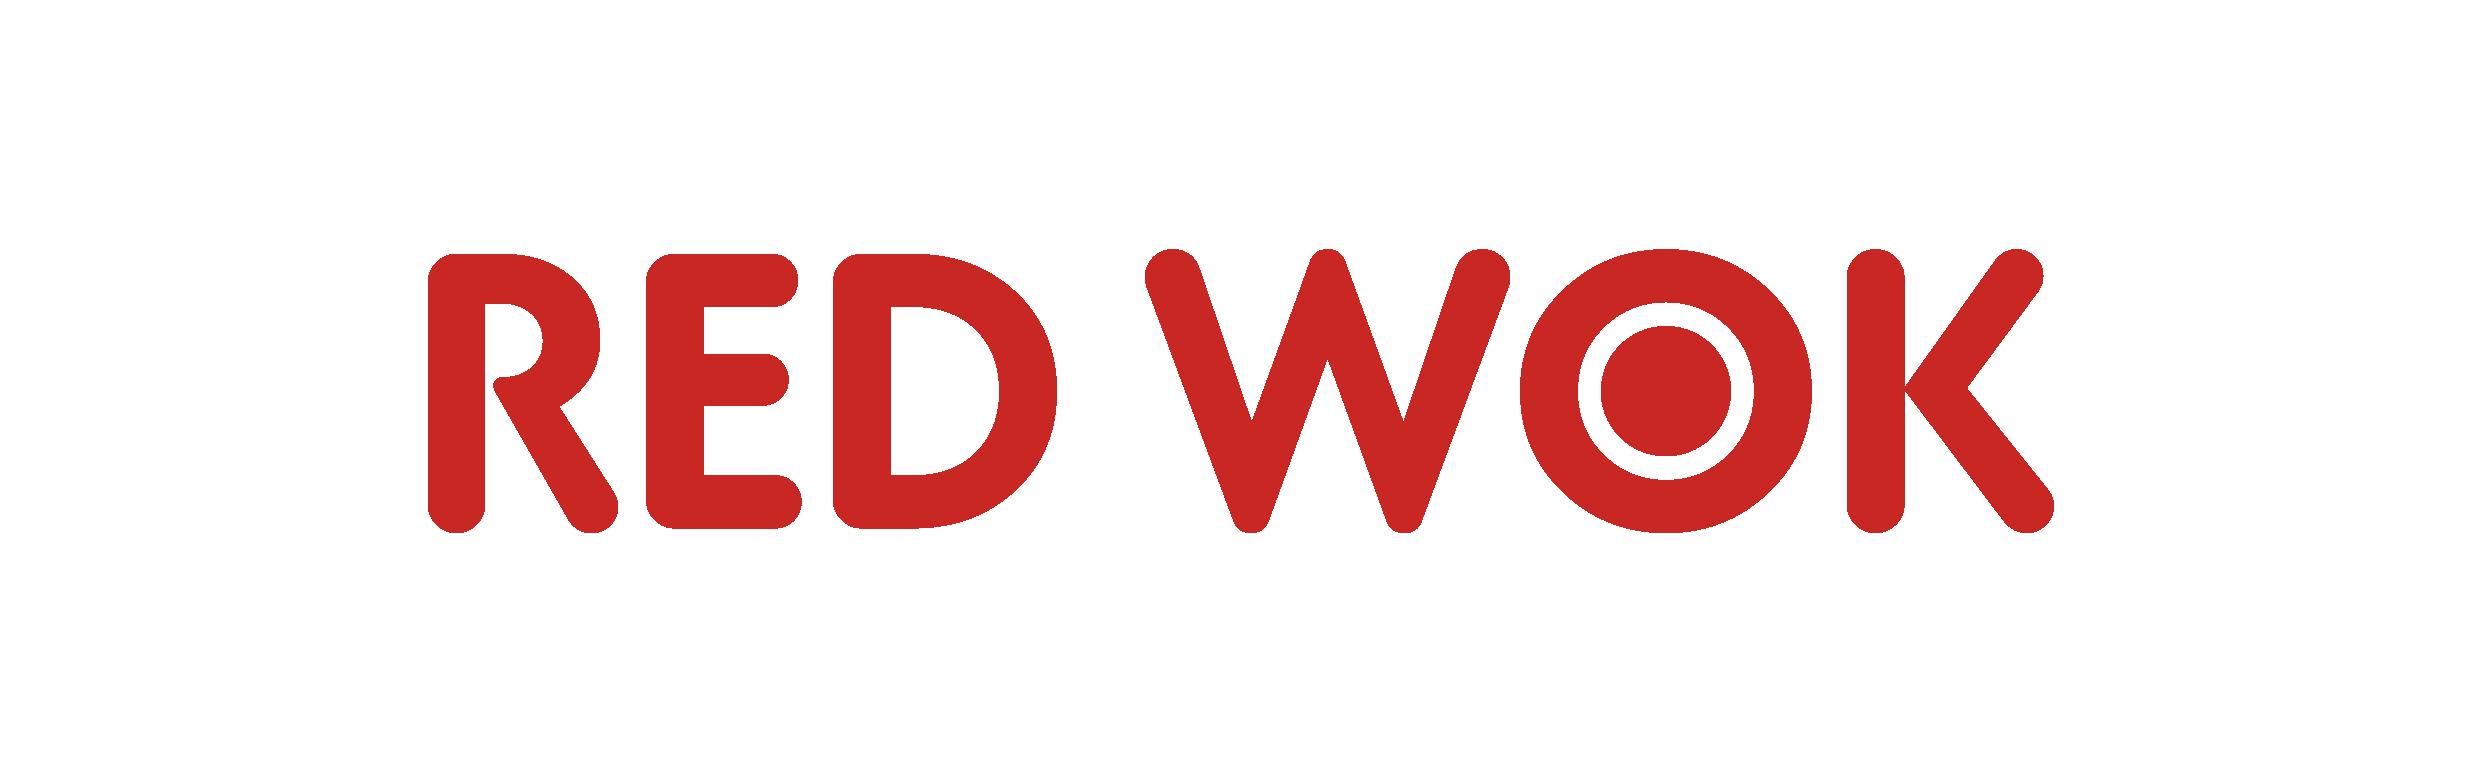 Công ty Cổ Phần Ẩm Thực Chảo Đỏ